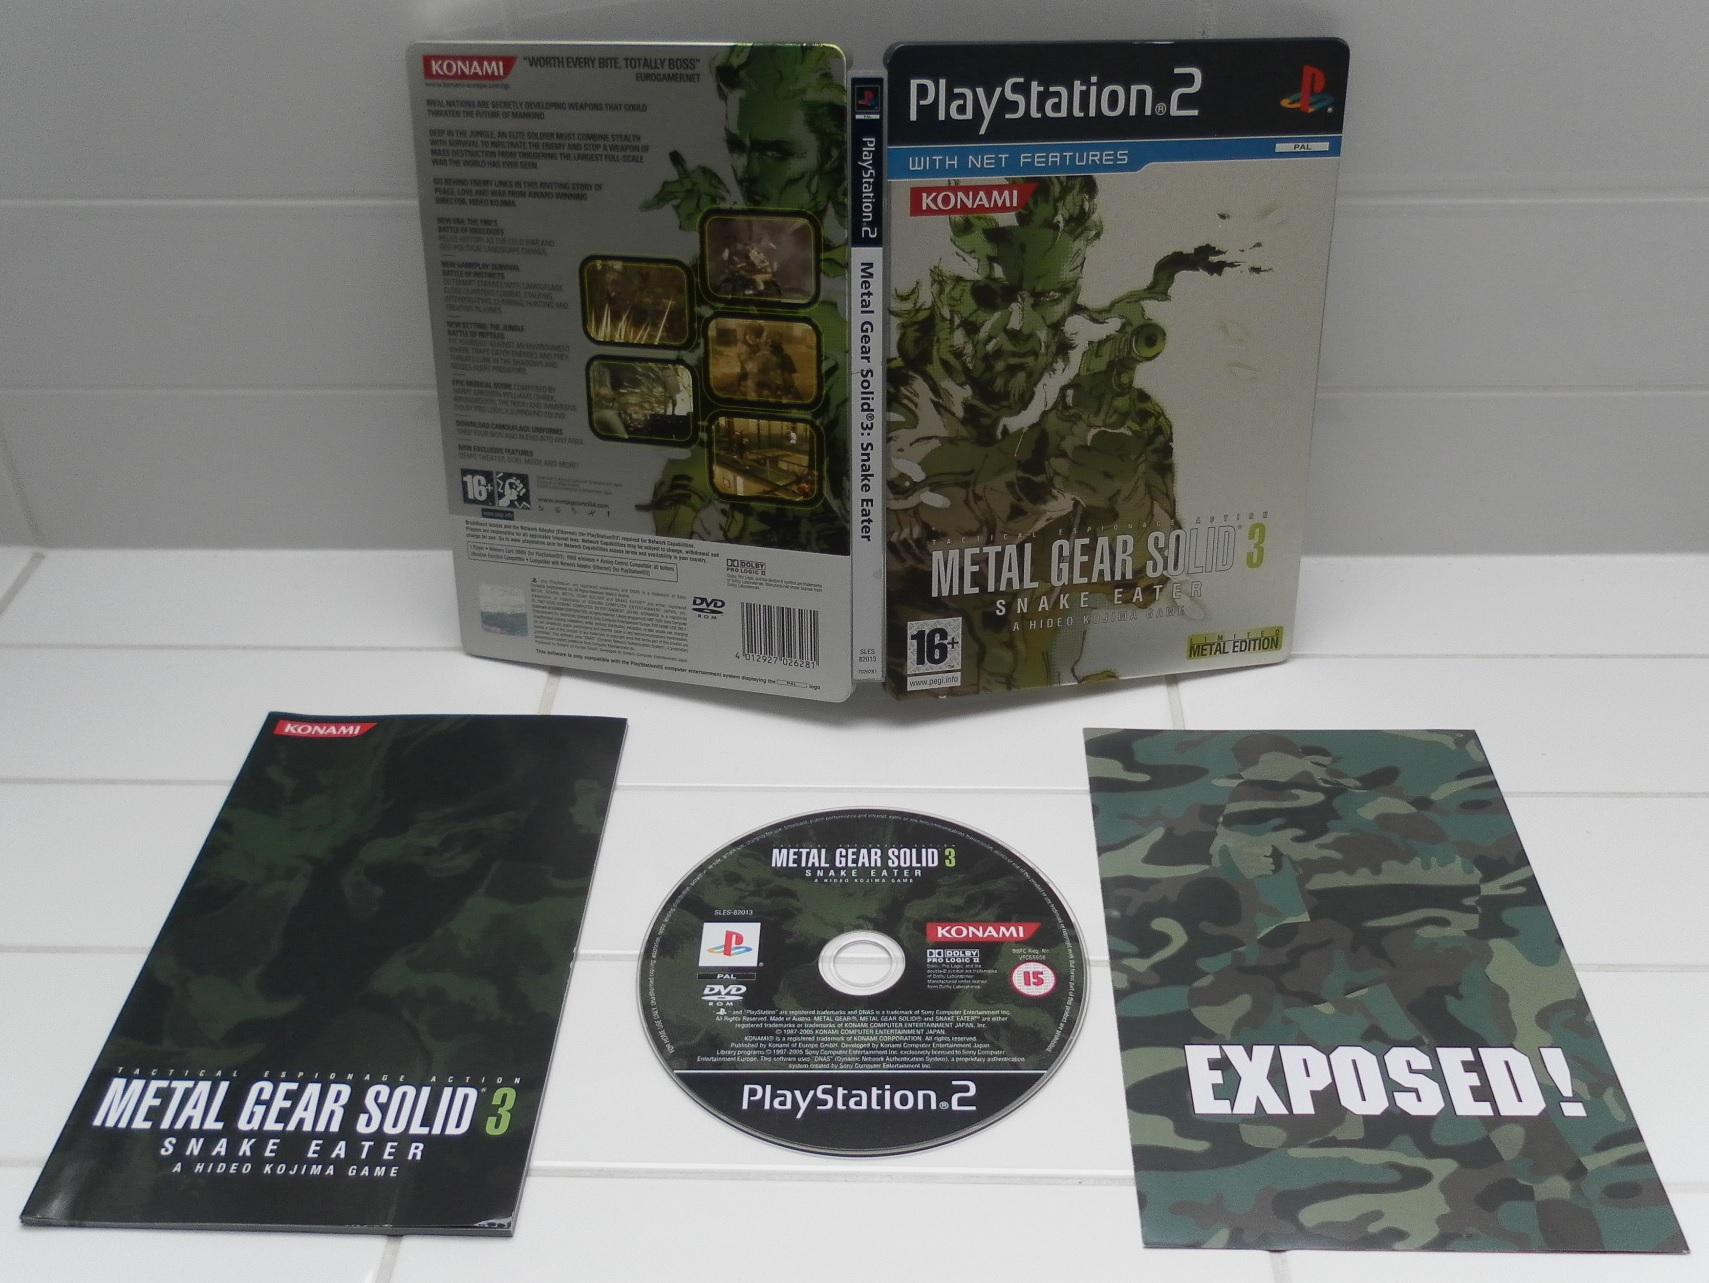 Metal Gear Solid 3 Steelbook